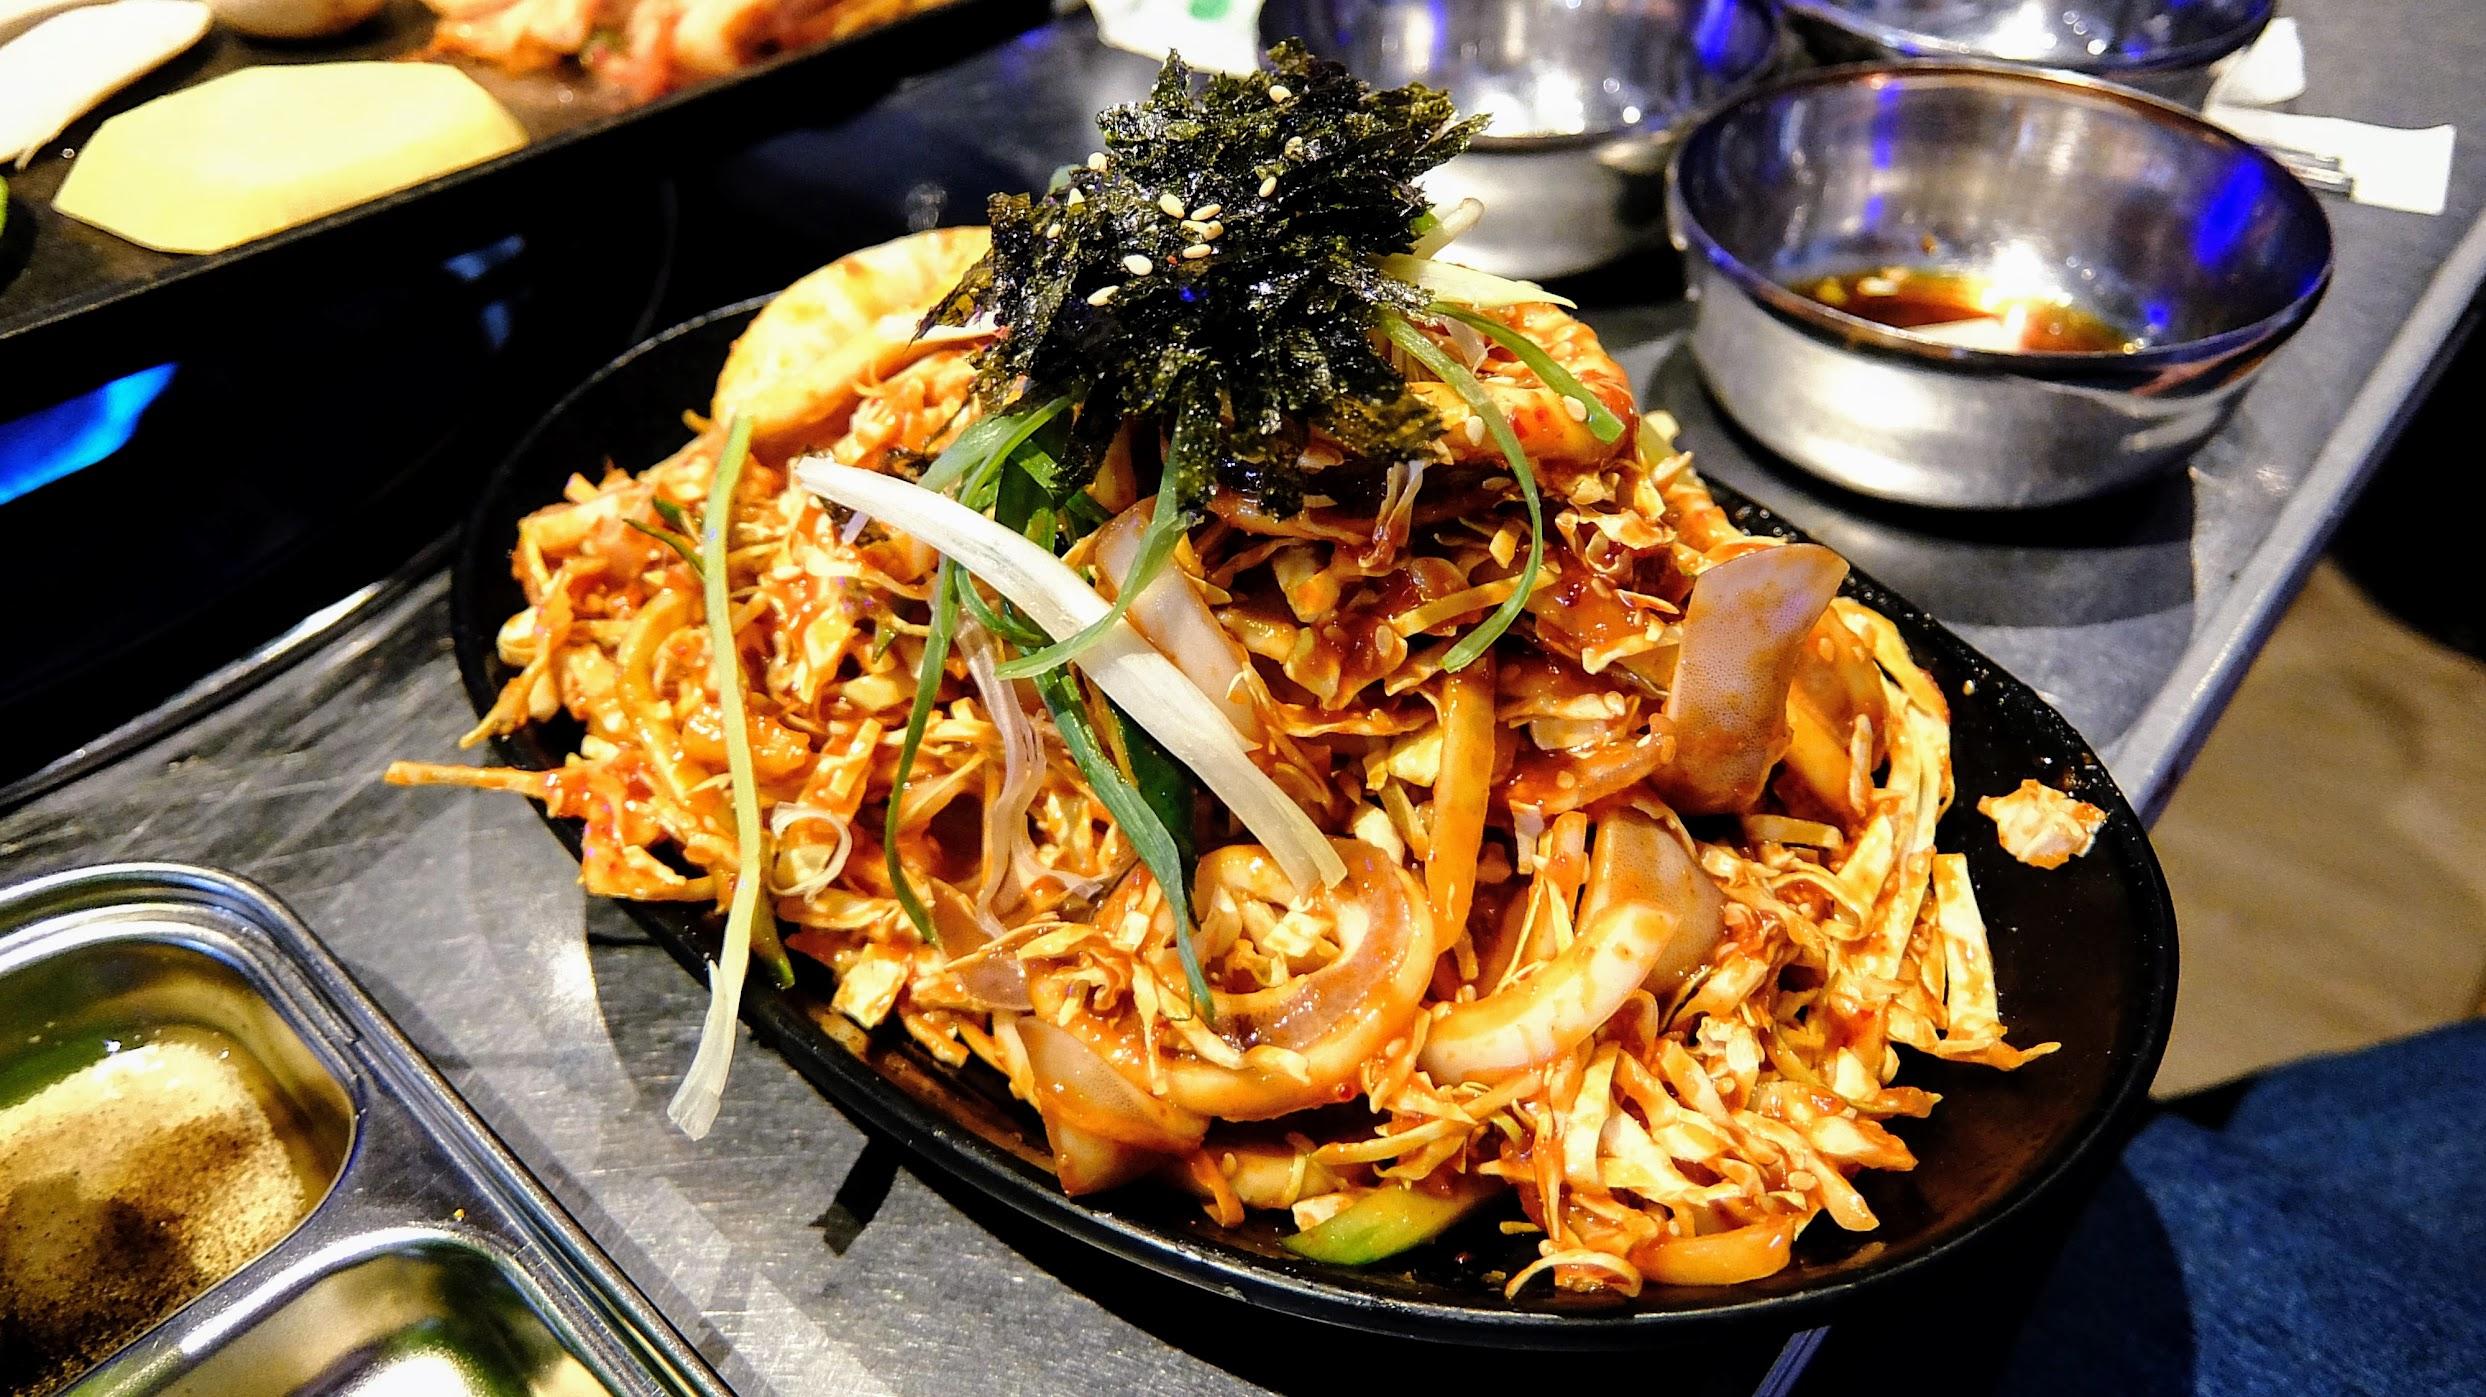 辣伴魷魚頗受我們這一桌好評的,帶著點甜辣的調味,很爽口很開胃